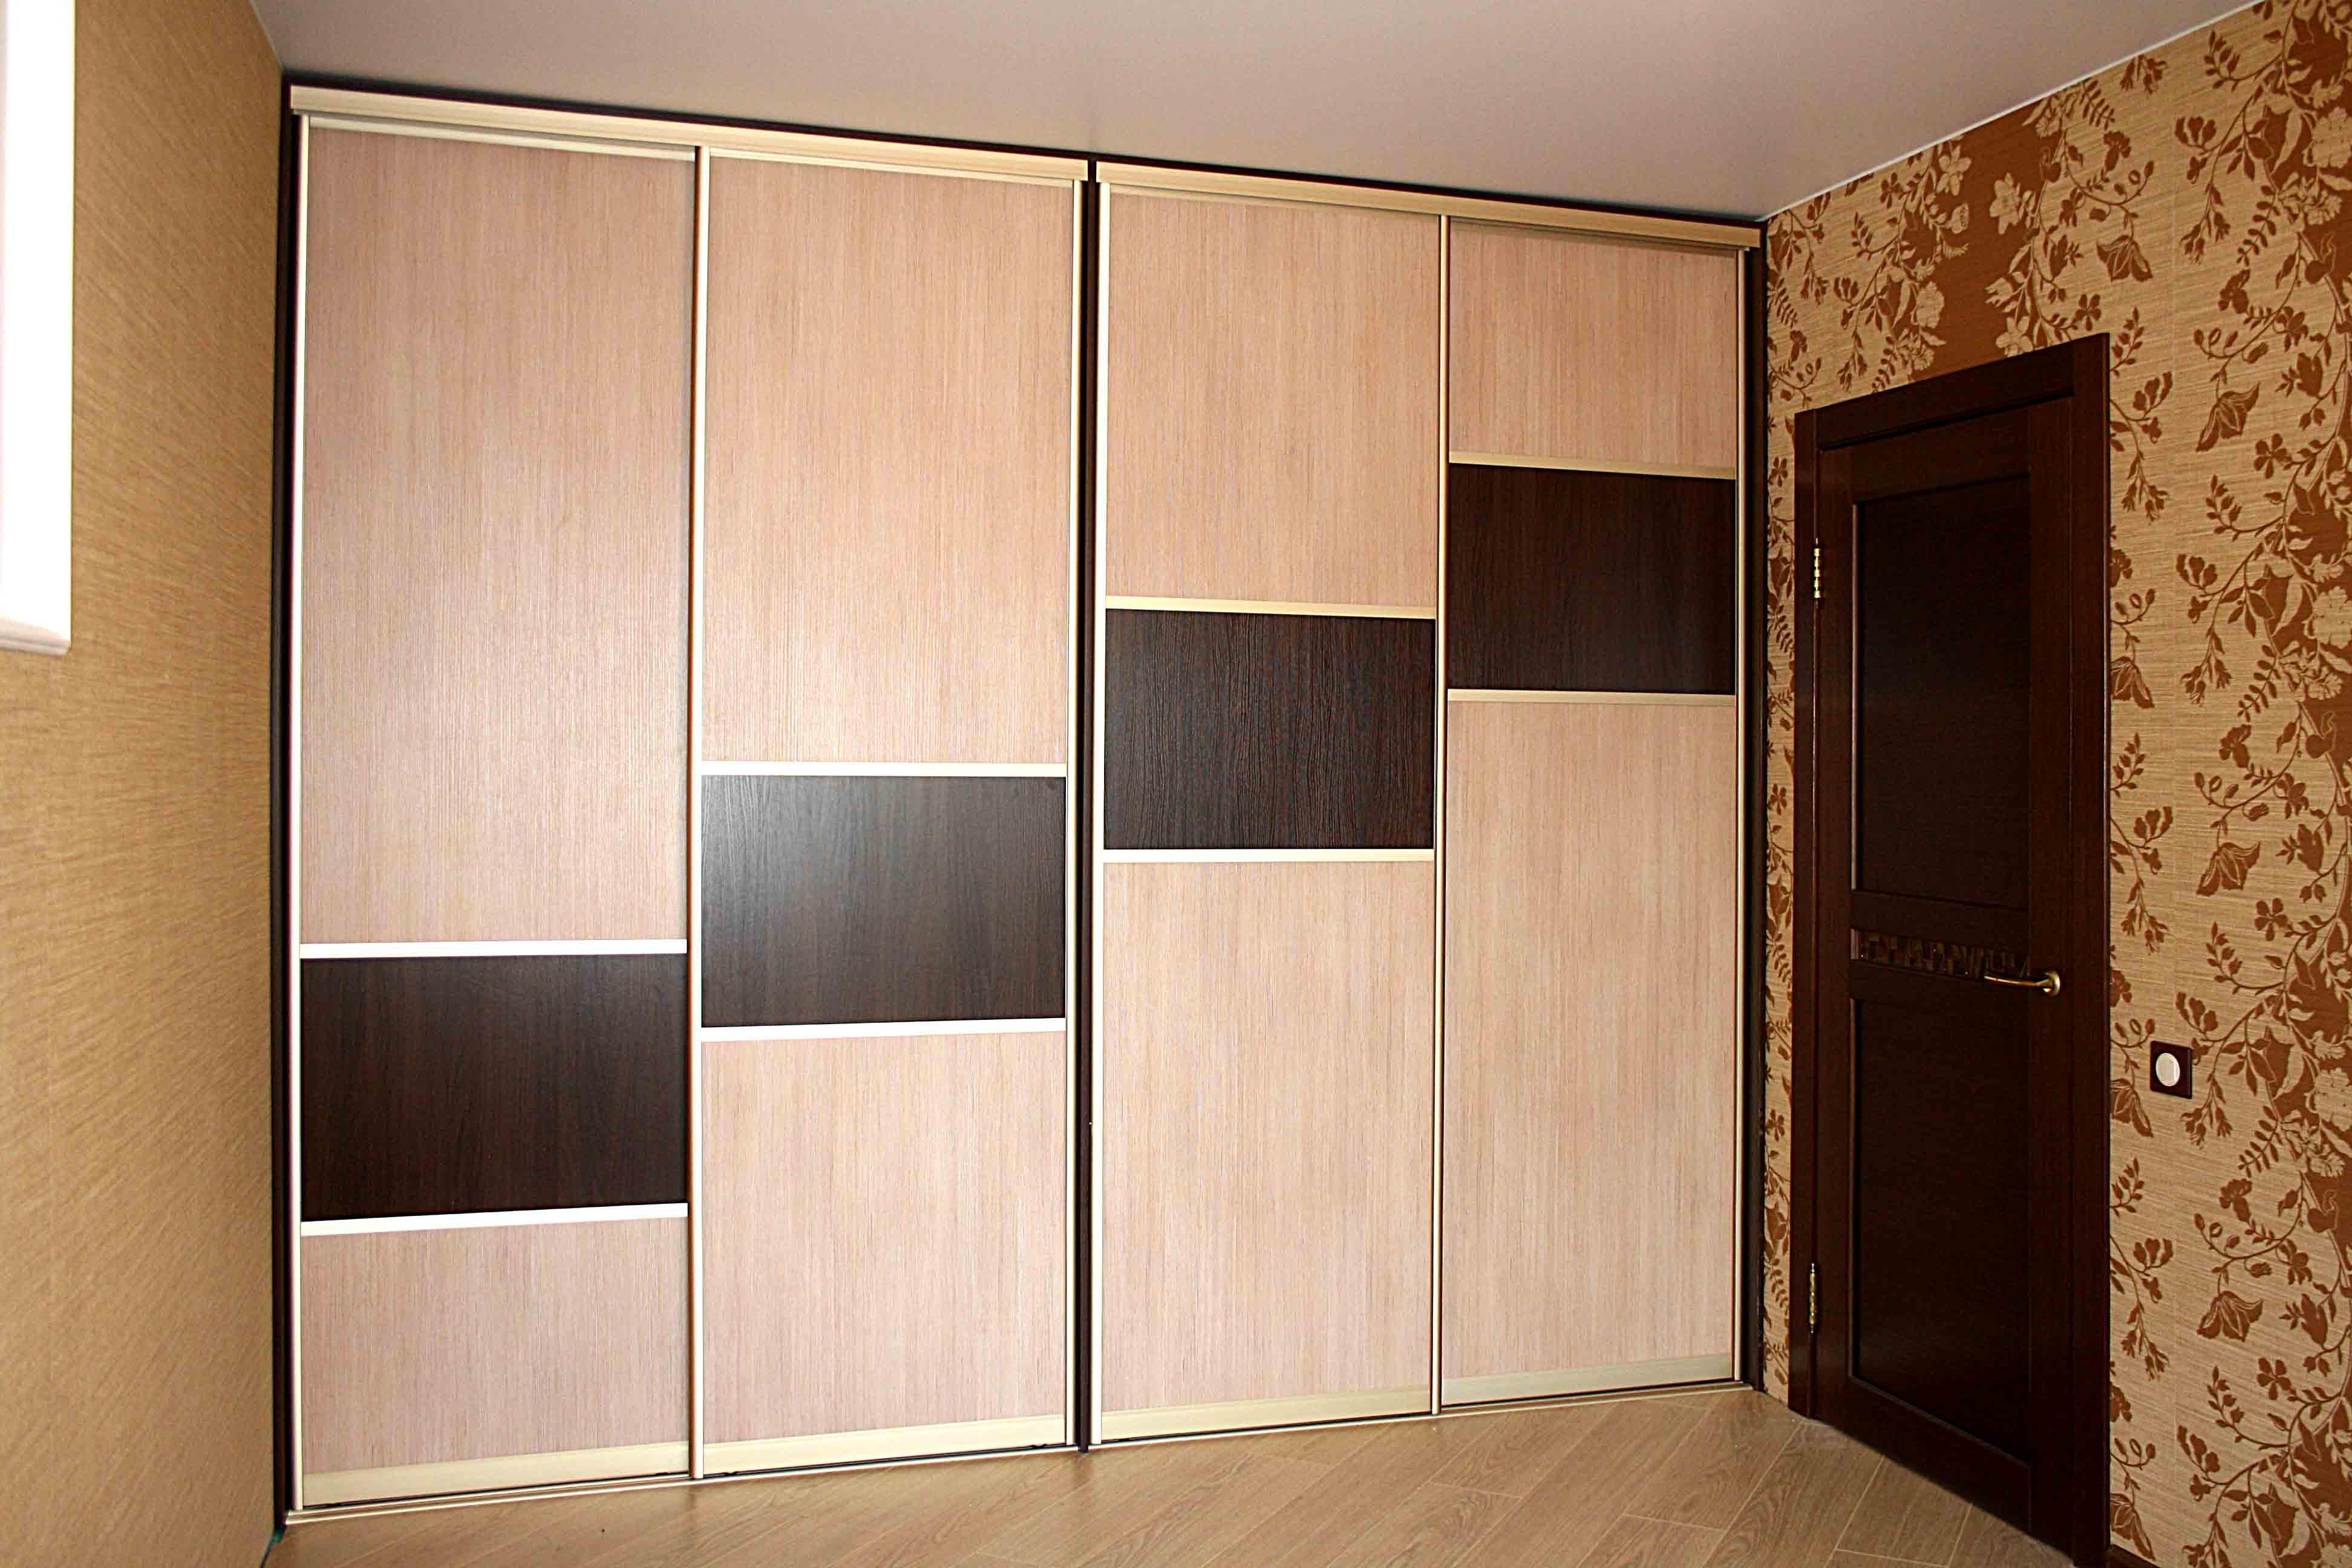 Шкафы-купе в тольятти. установка и производство холдинг стро.